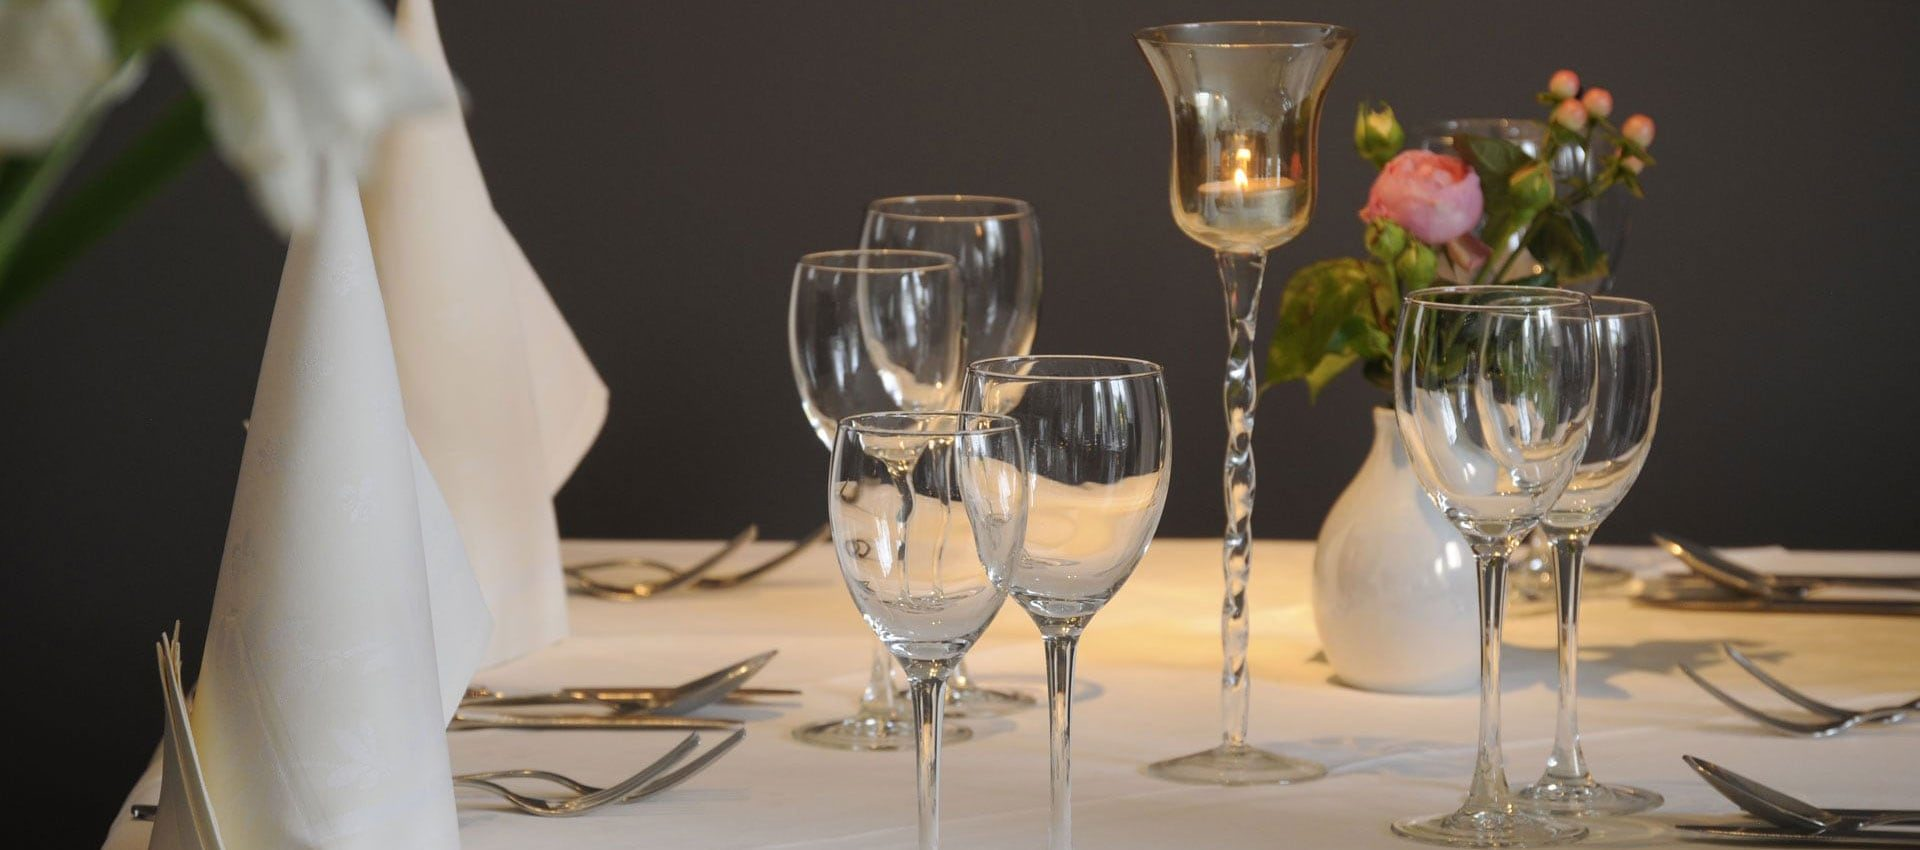 Restaurant - Limburgia